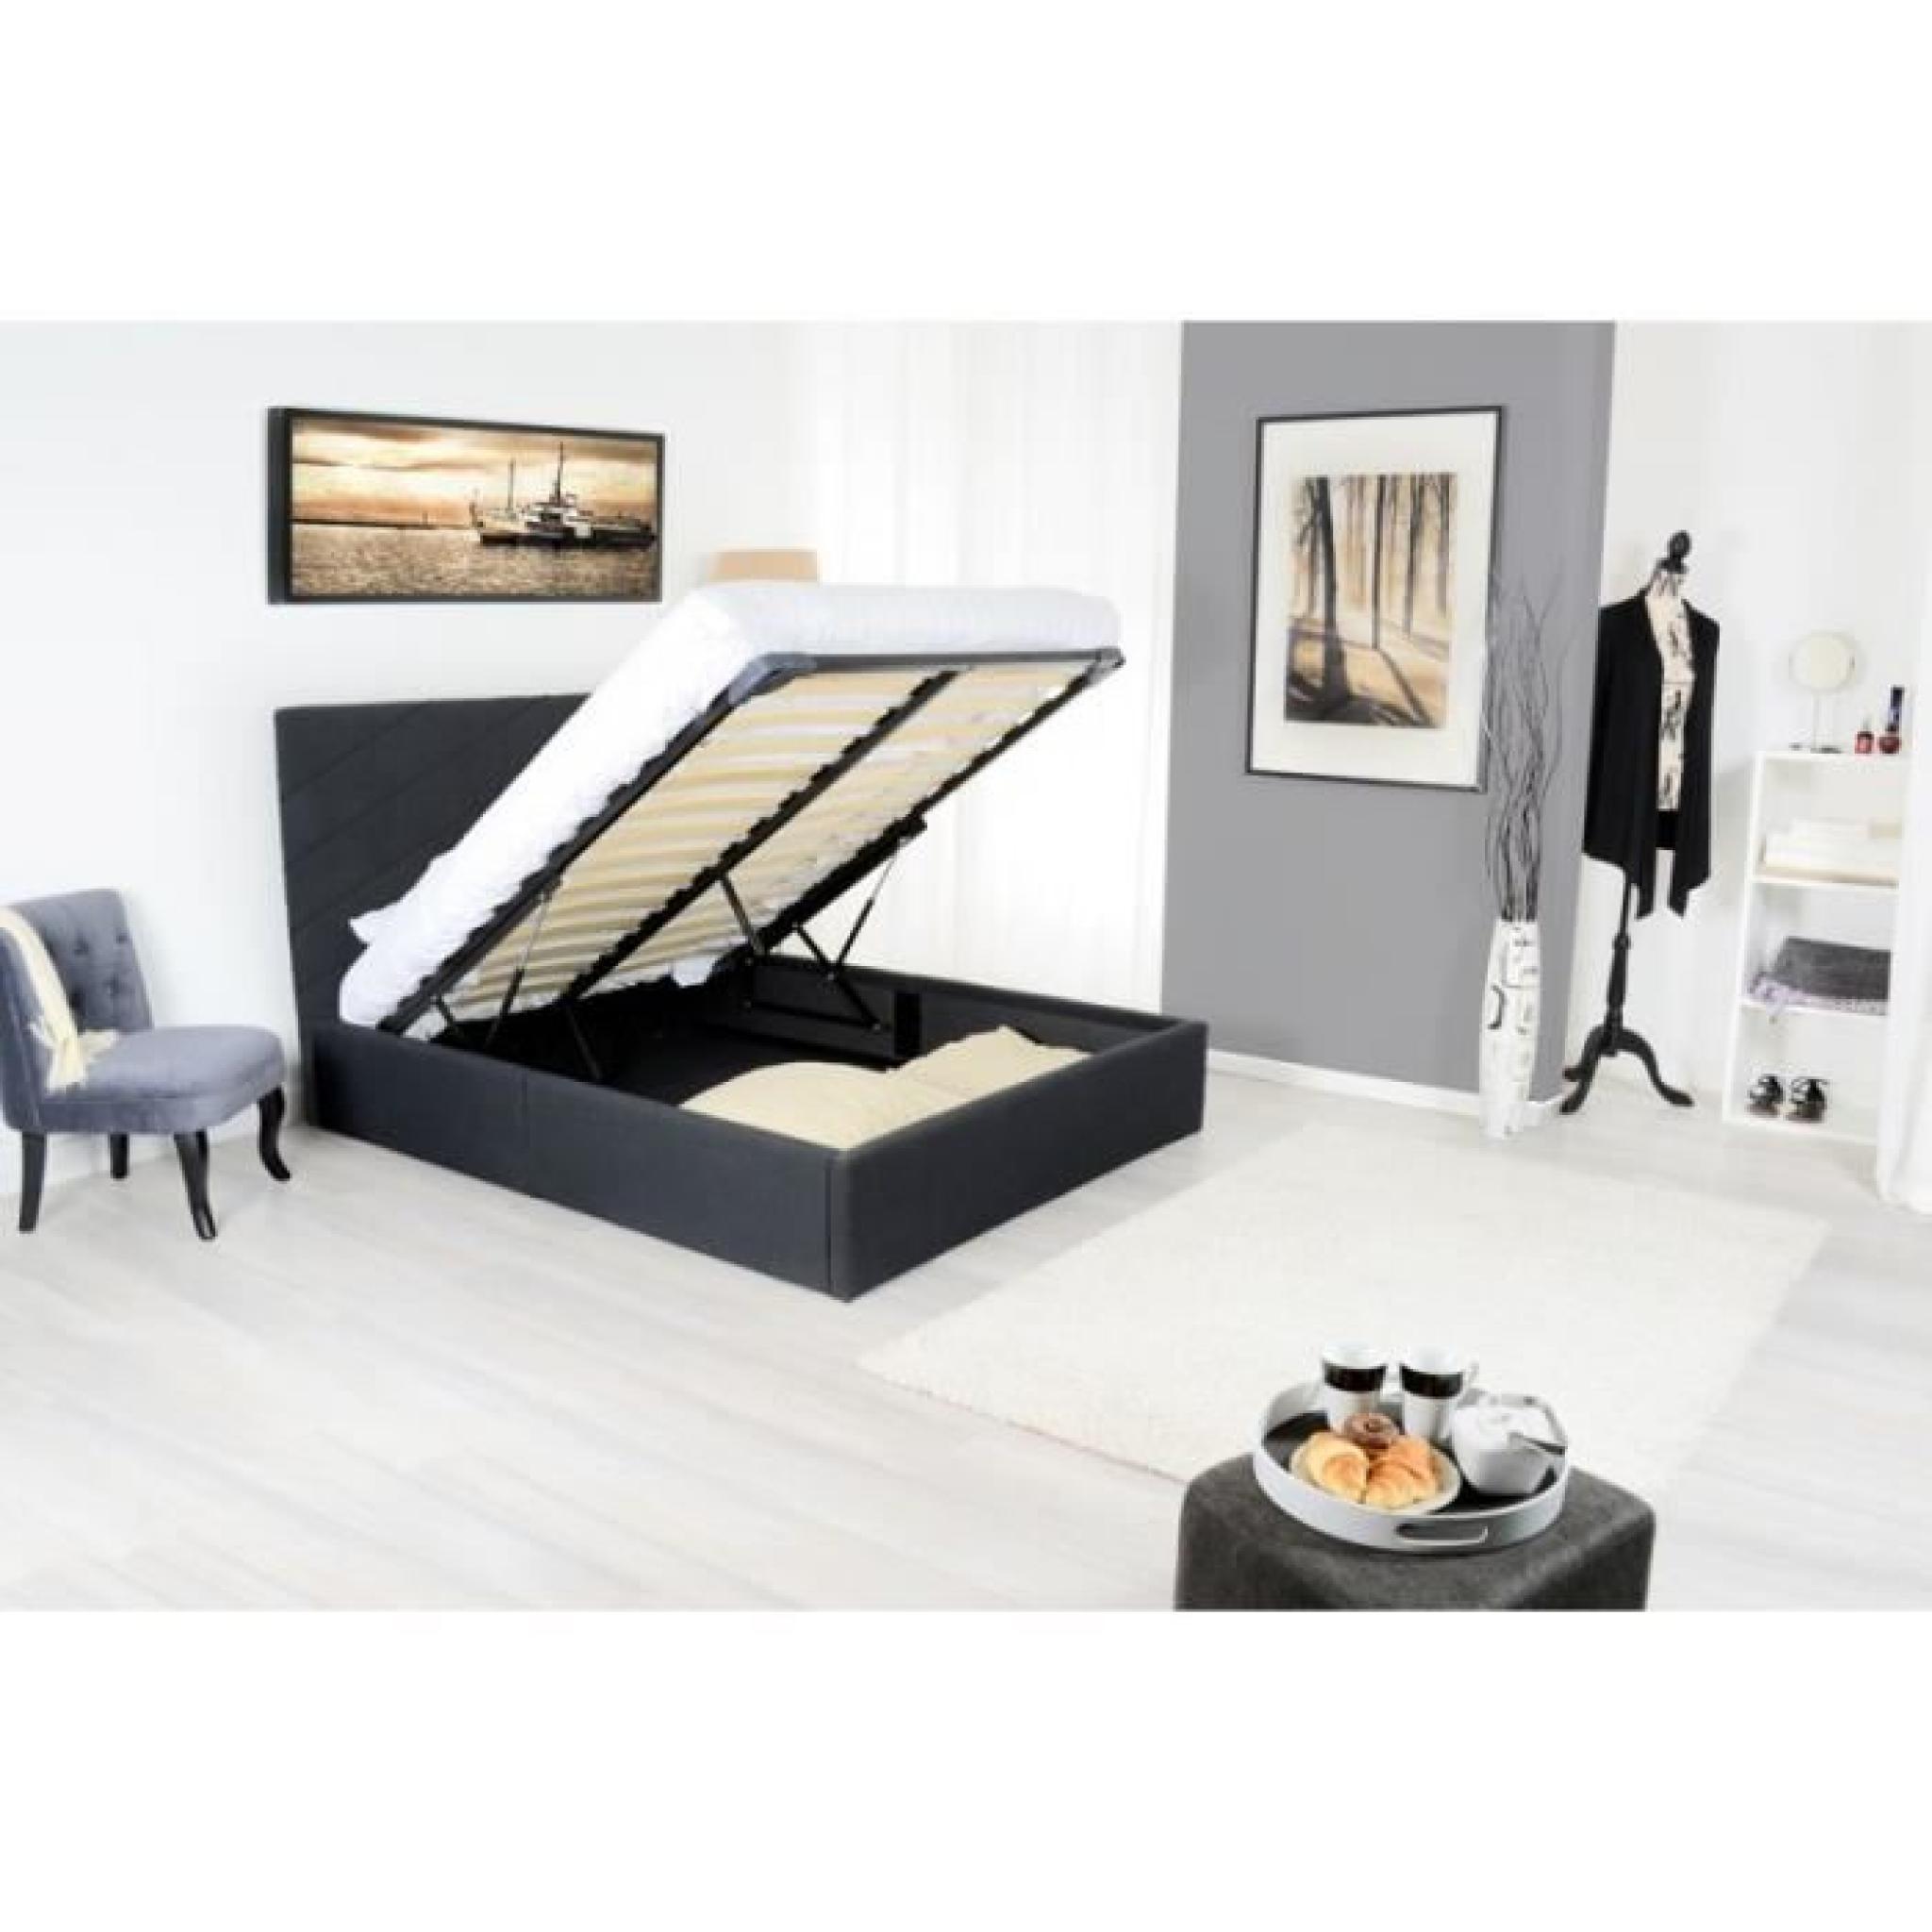 diag lit coffre adulte 160x200 cm sommier gris achat. Black Bedroom Furniture Sets. Home Design Ideas